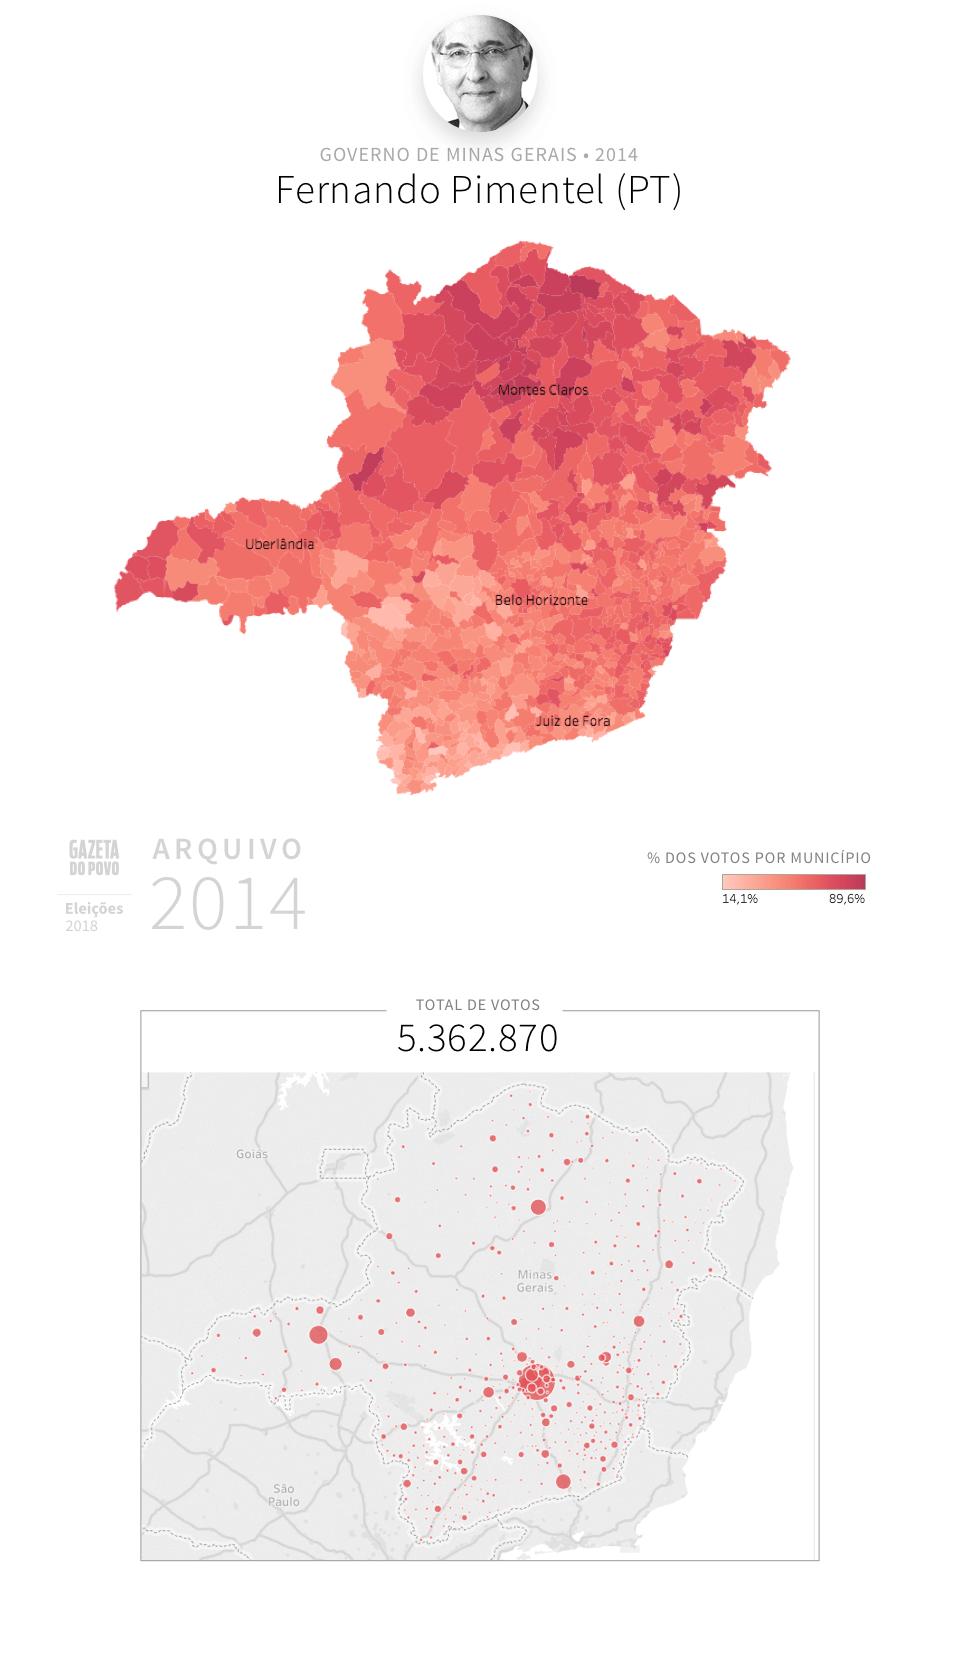 Desempenho do PT em Minas Gerais em 2014, na eleição para governador de Minas Gerais. Em % do total de votos em cada município.